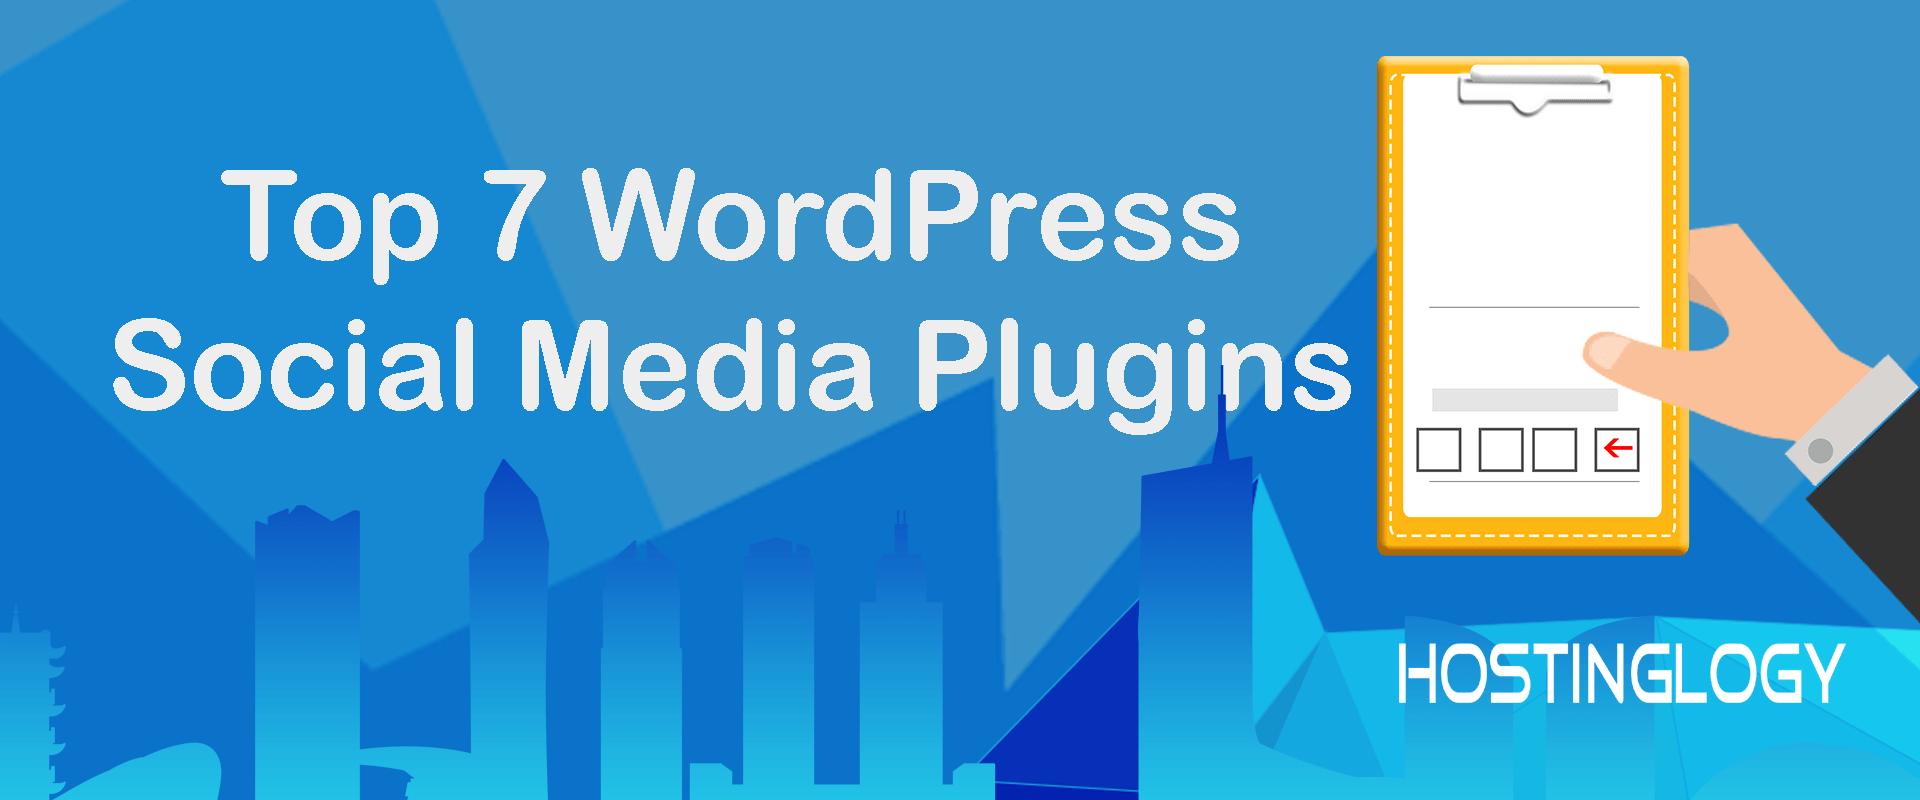 Top 7 WordPress Social Media Plugins